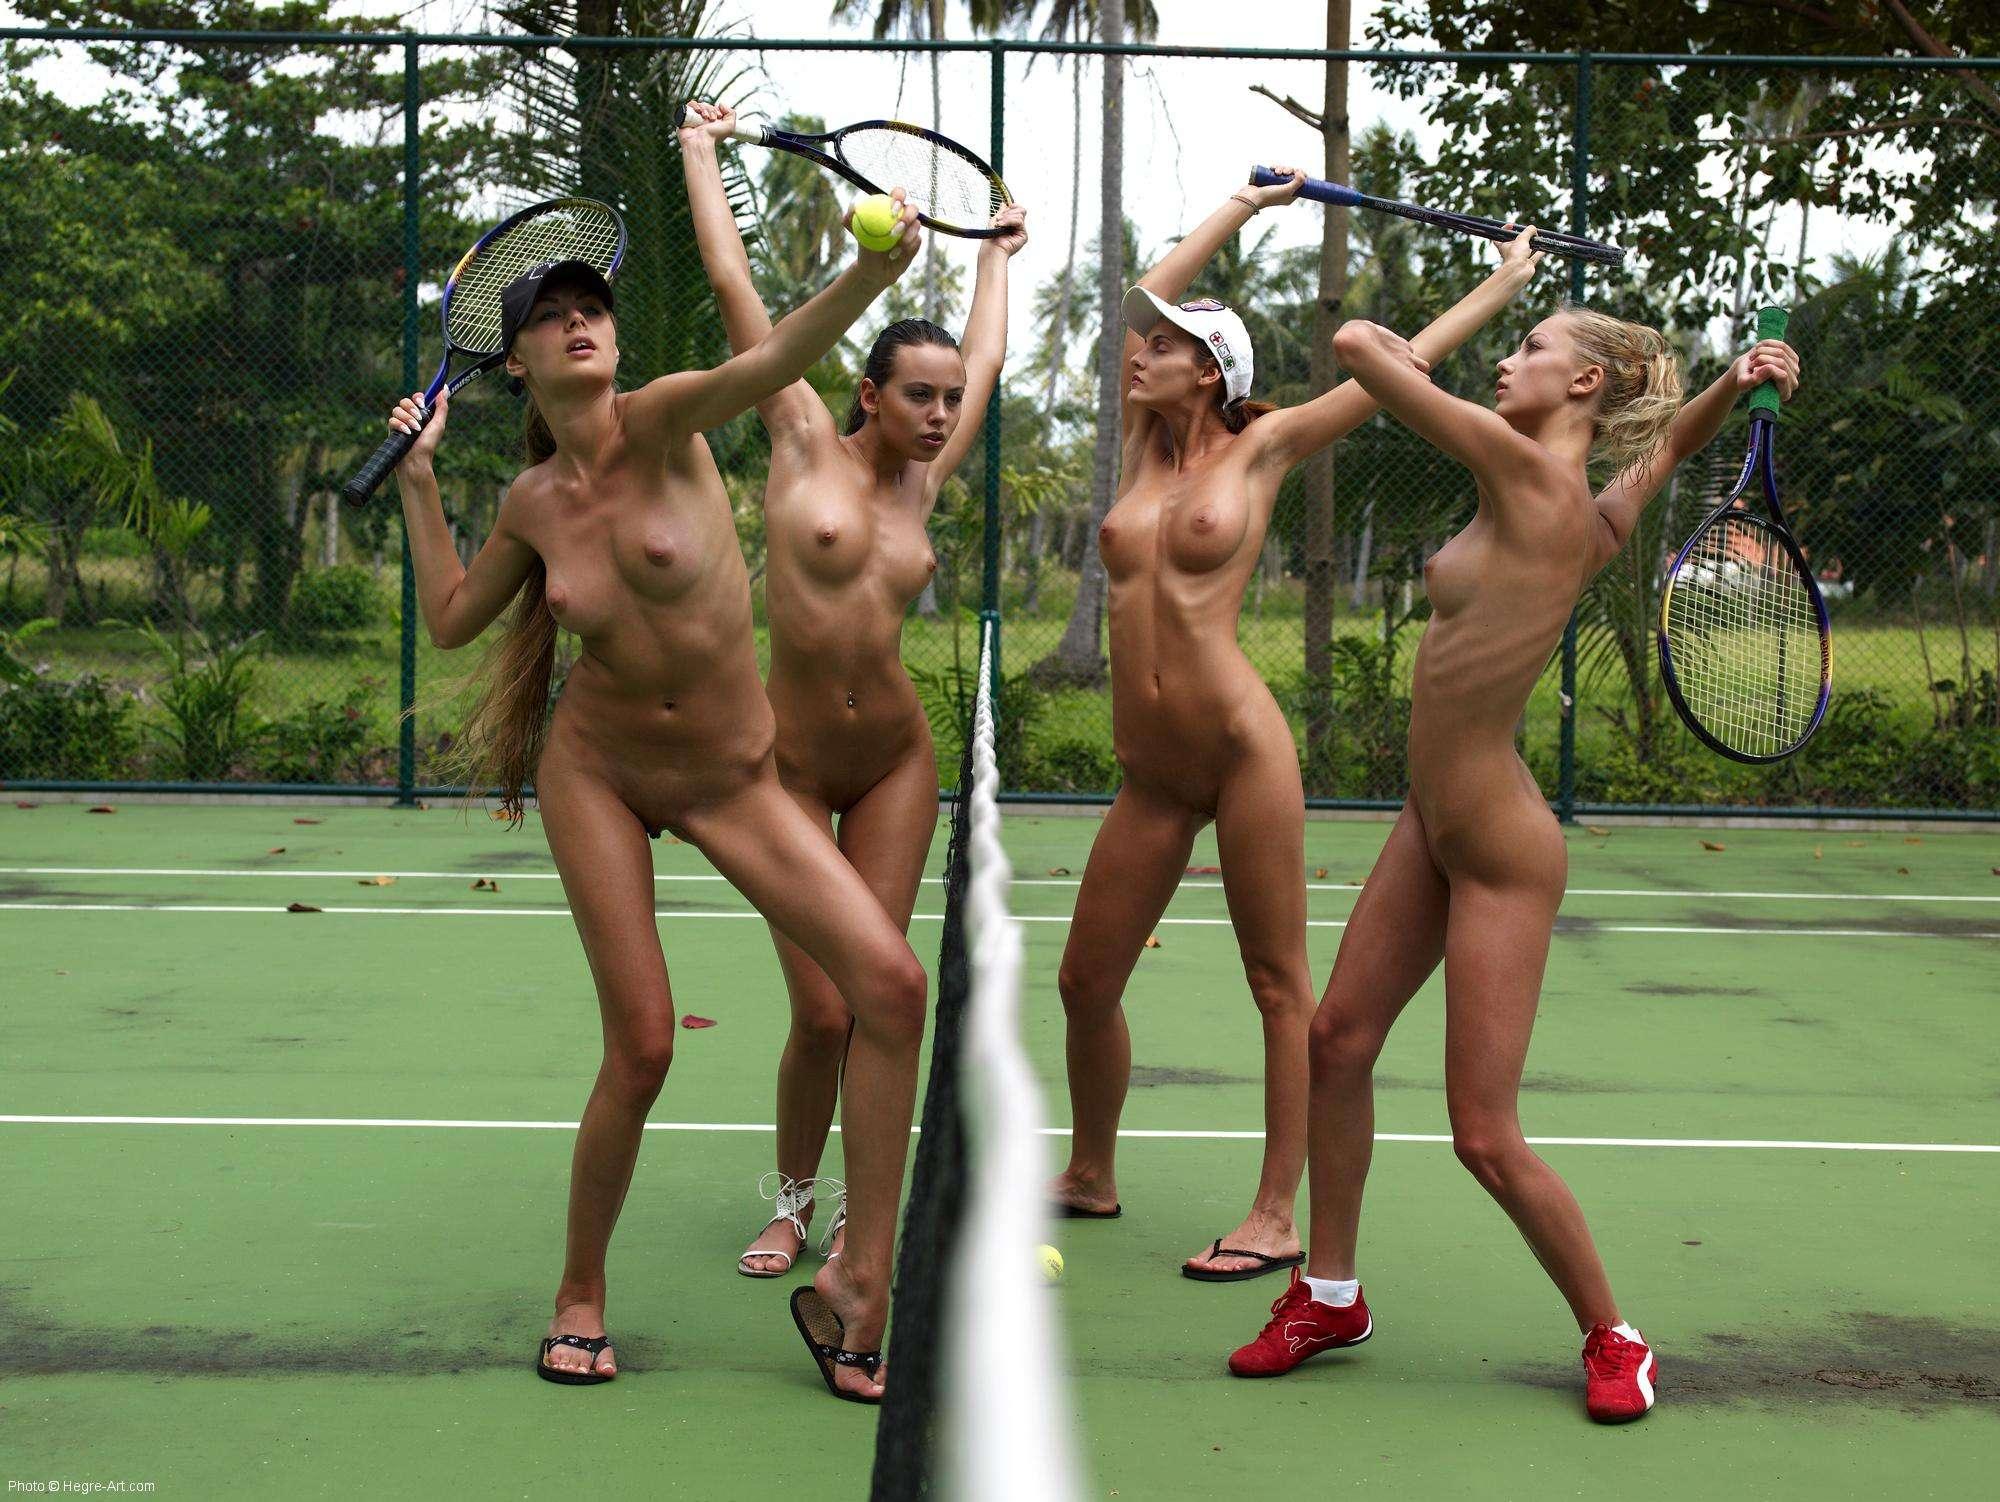 全裸スポーツのお宝アイコラ画像